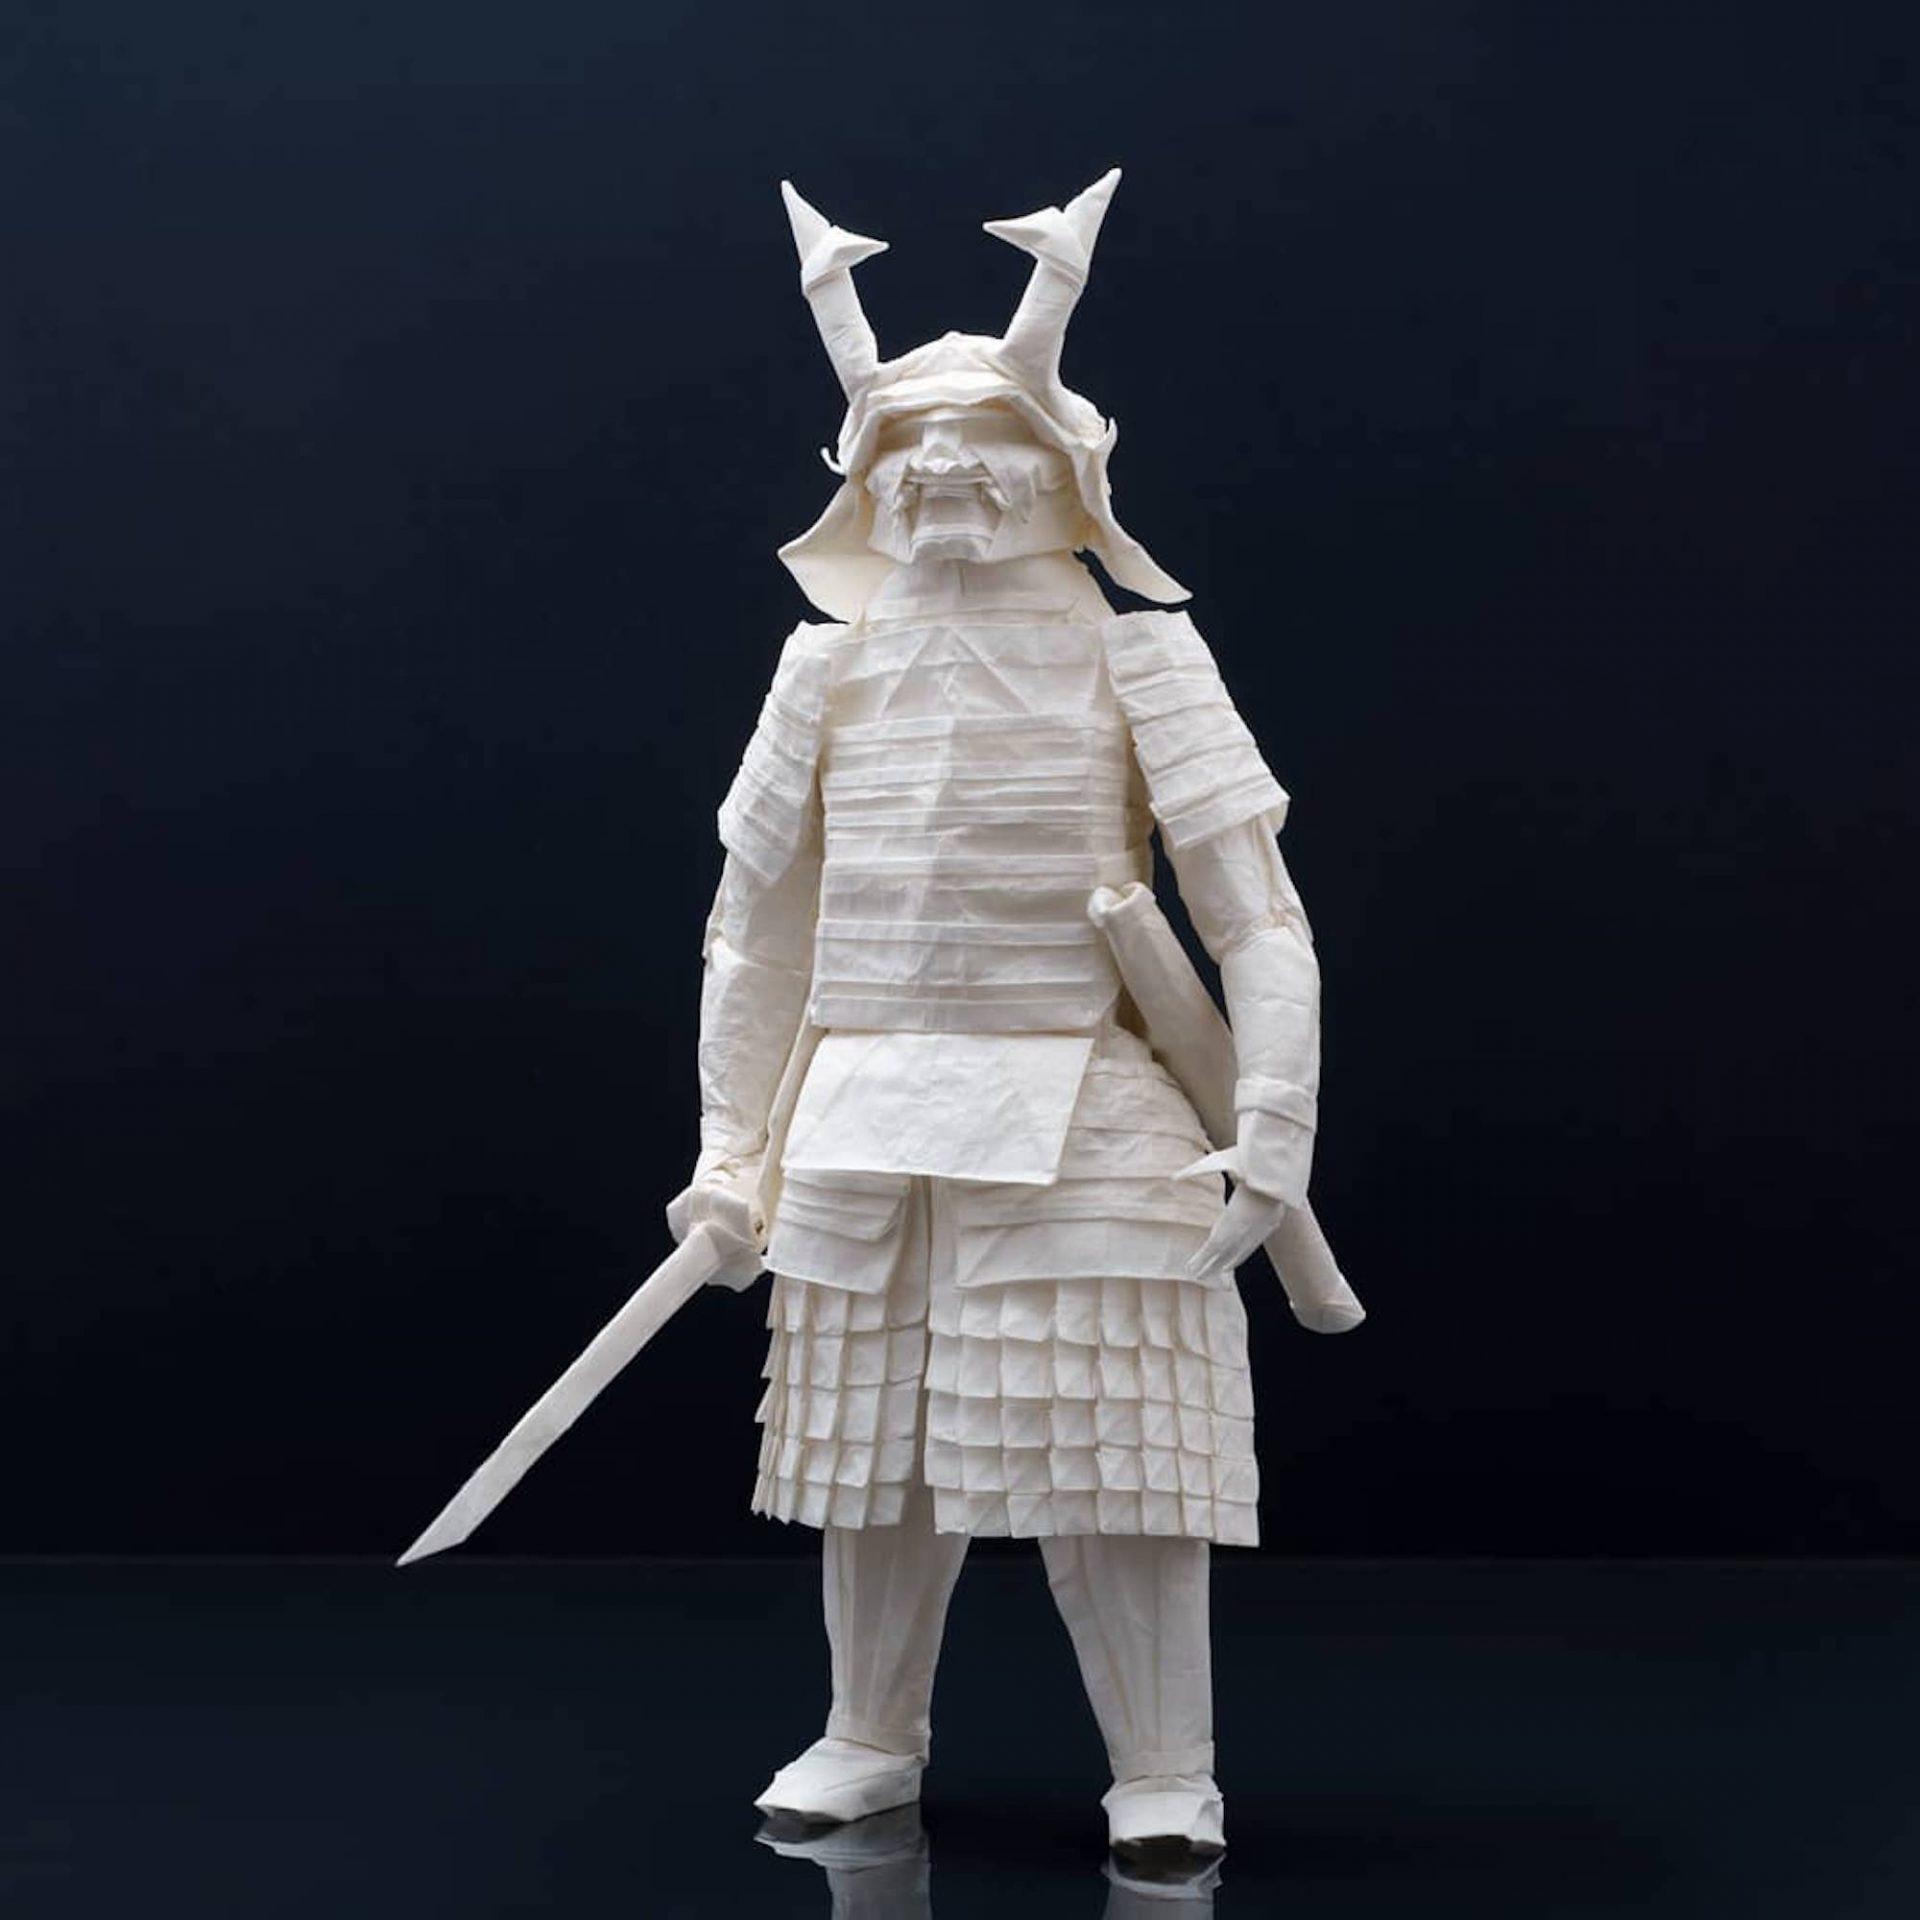 L'artiste Juho Könkkölä crée des origamis incroyables avec des feuilles d'un mètre de diamètre